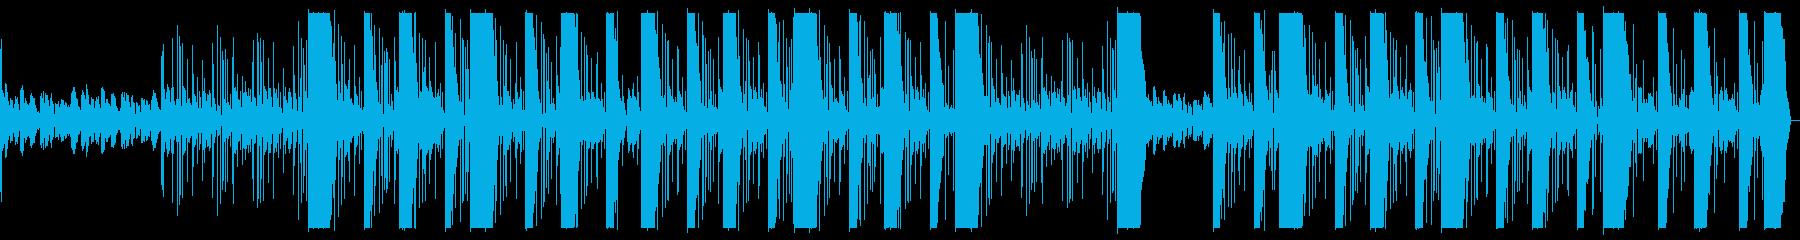 ダークで治安の悪い闇 極悪 ヒップホップの再生済みの波形